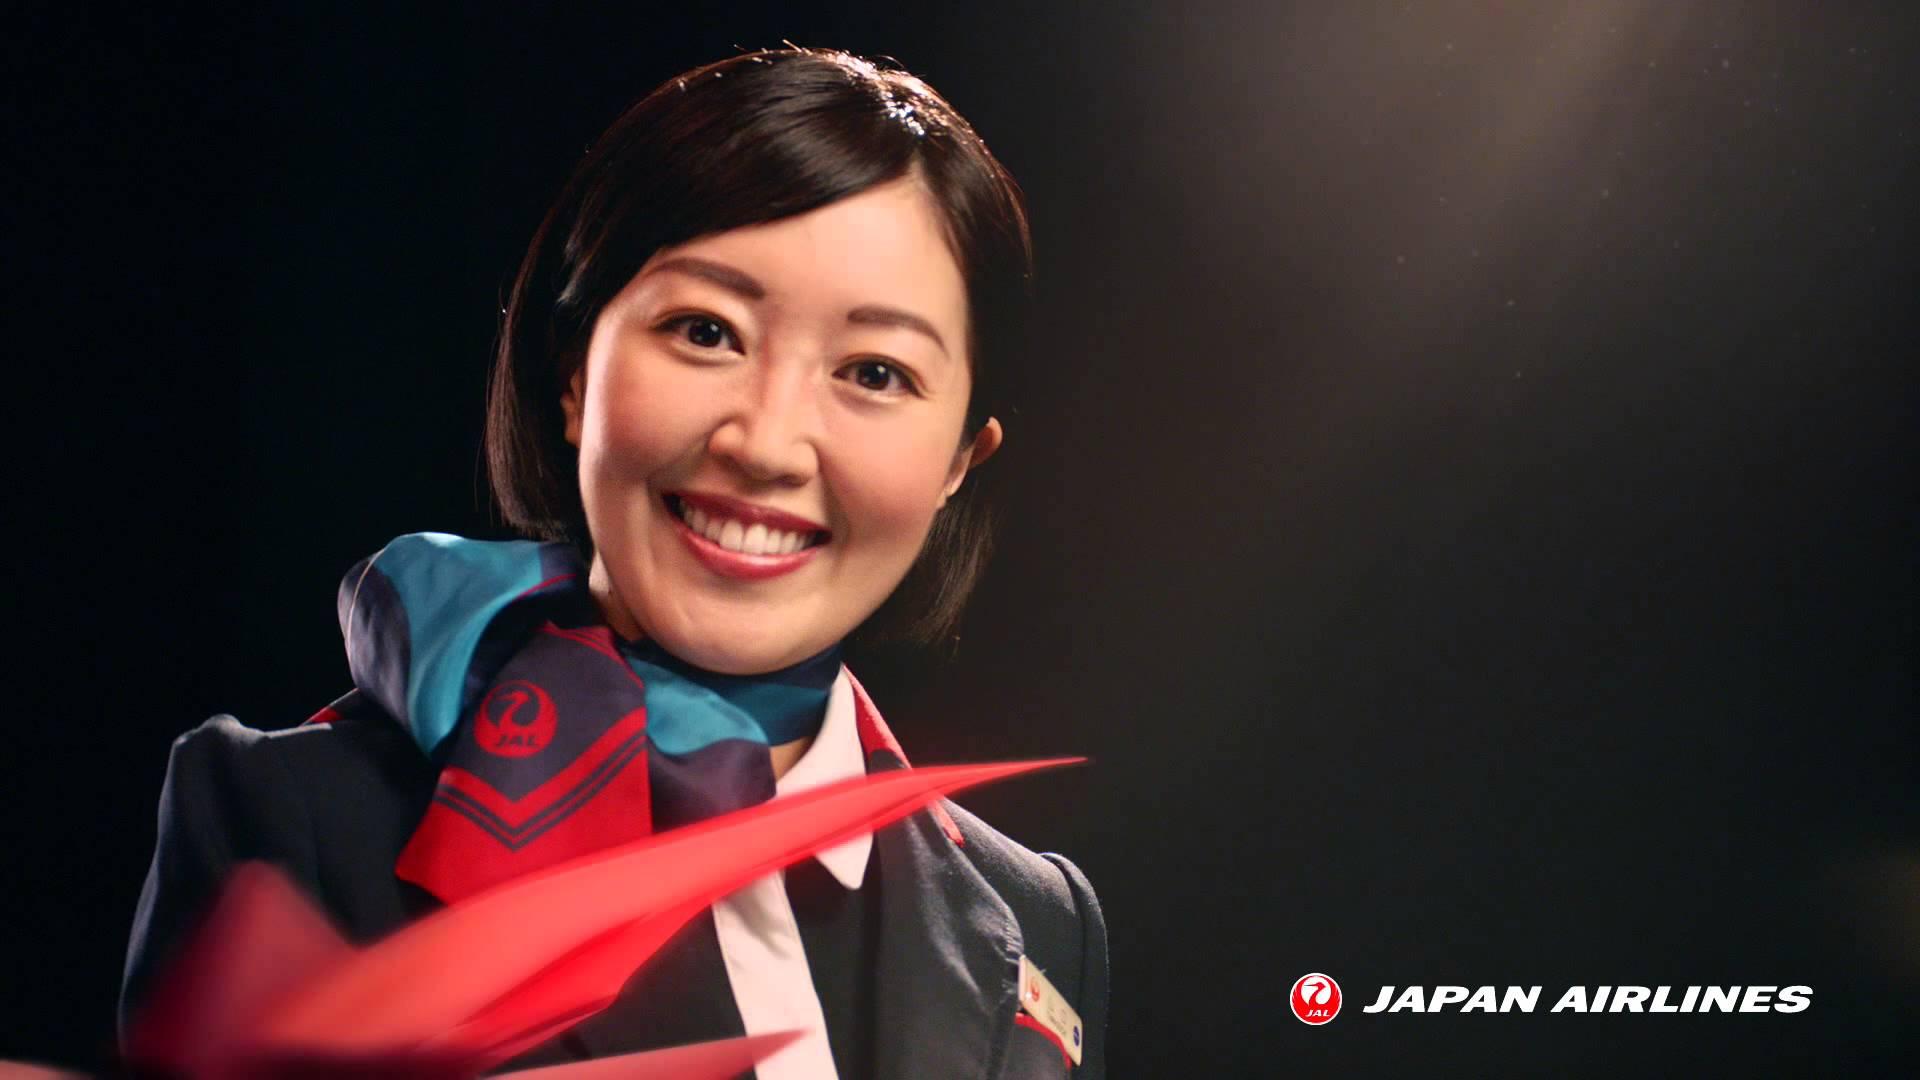 「おもてなしの極意をお届け、日本航空」- Japan Airlines - Perfectly Prepared